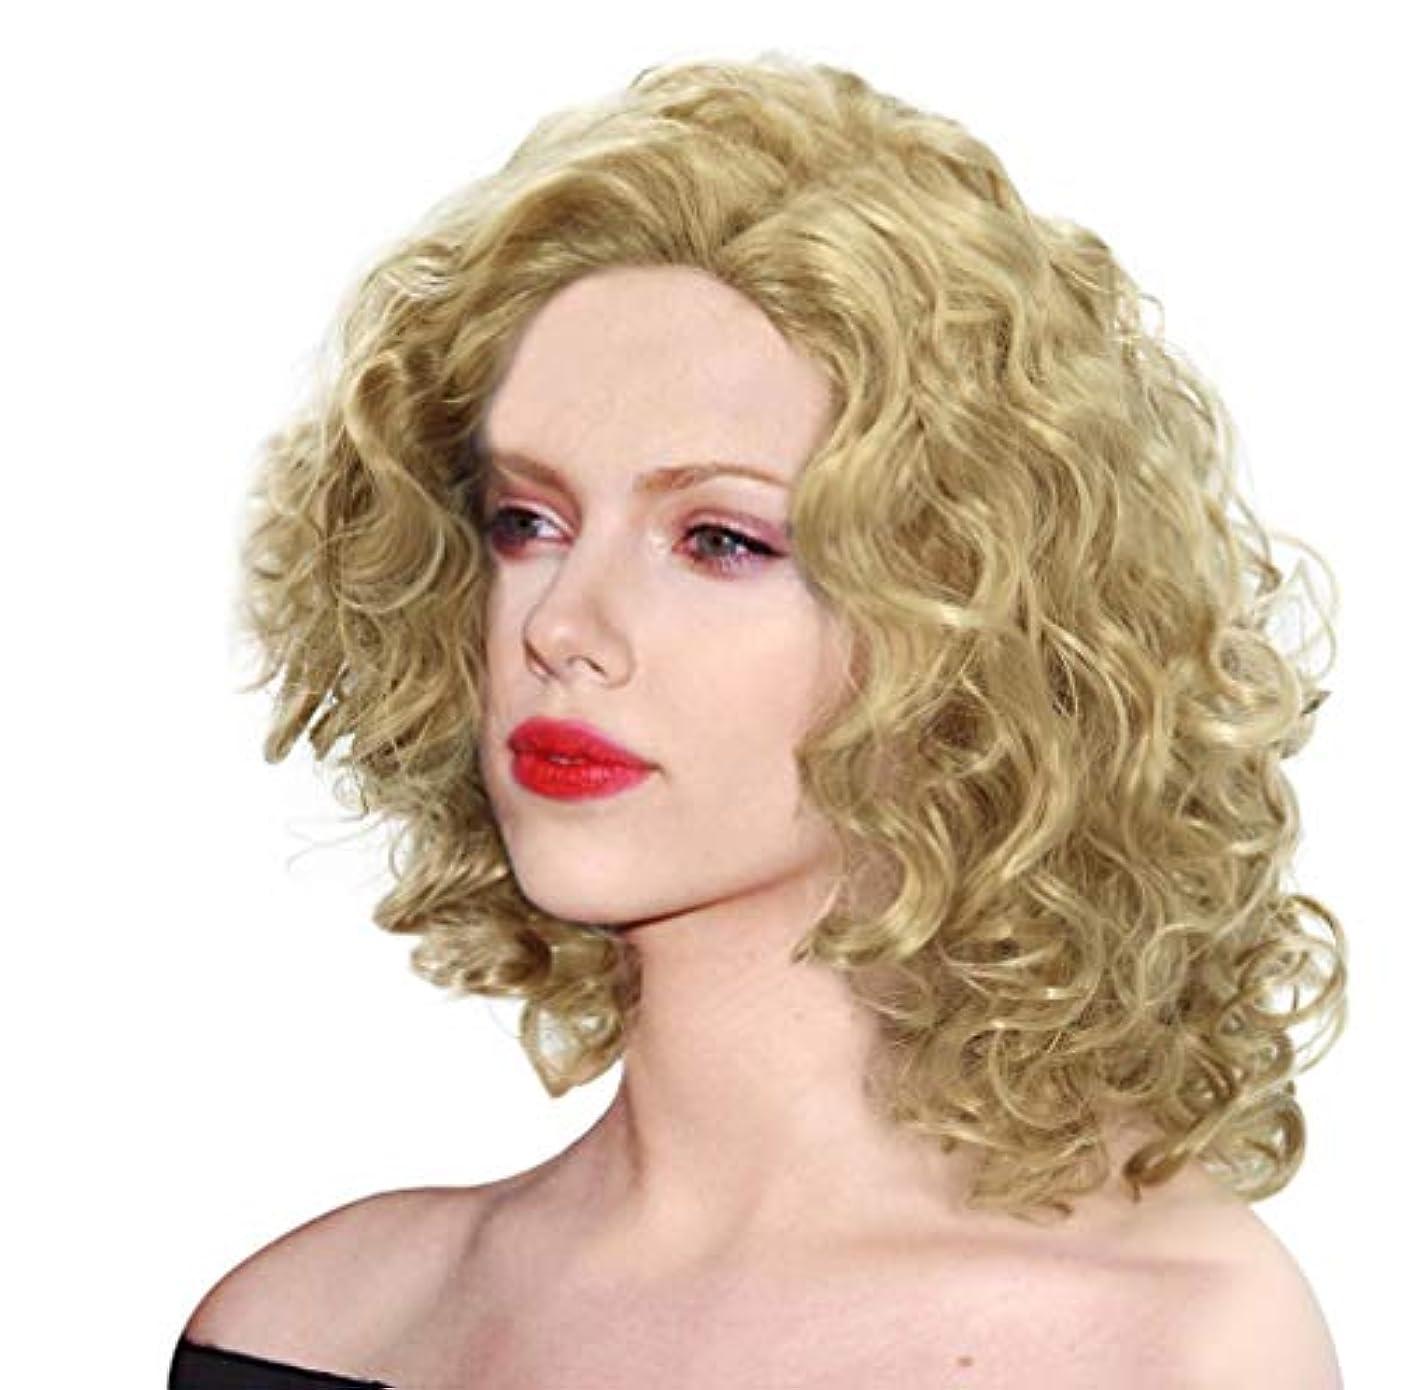 実験我慢するドライ女性かつら人工毛ウィッグ波状わずかに赤ん坊の毛150%密度に適したハロウィーンコスプレゴールド42 cm